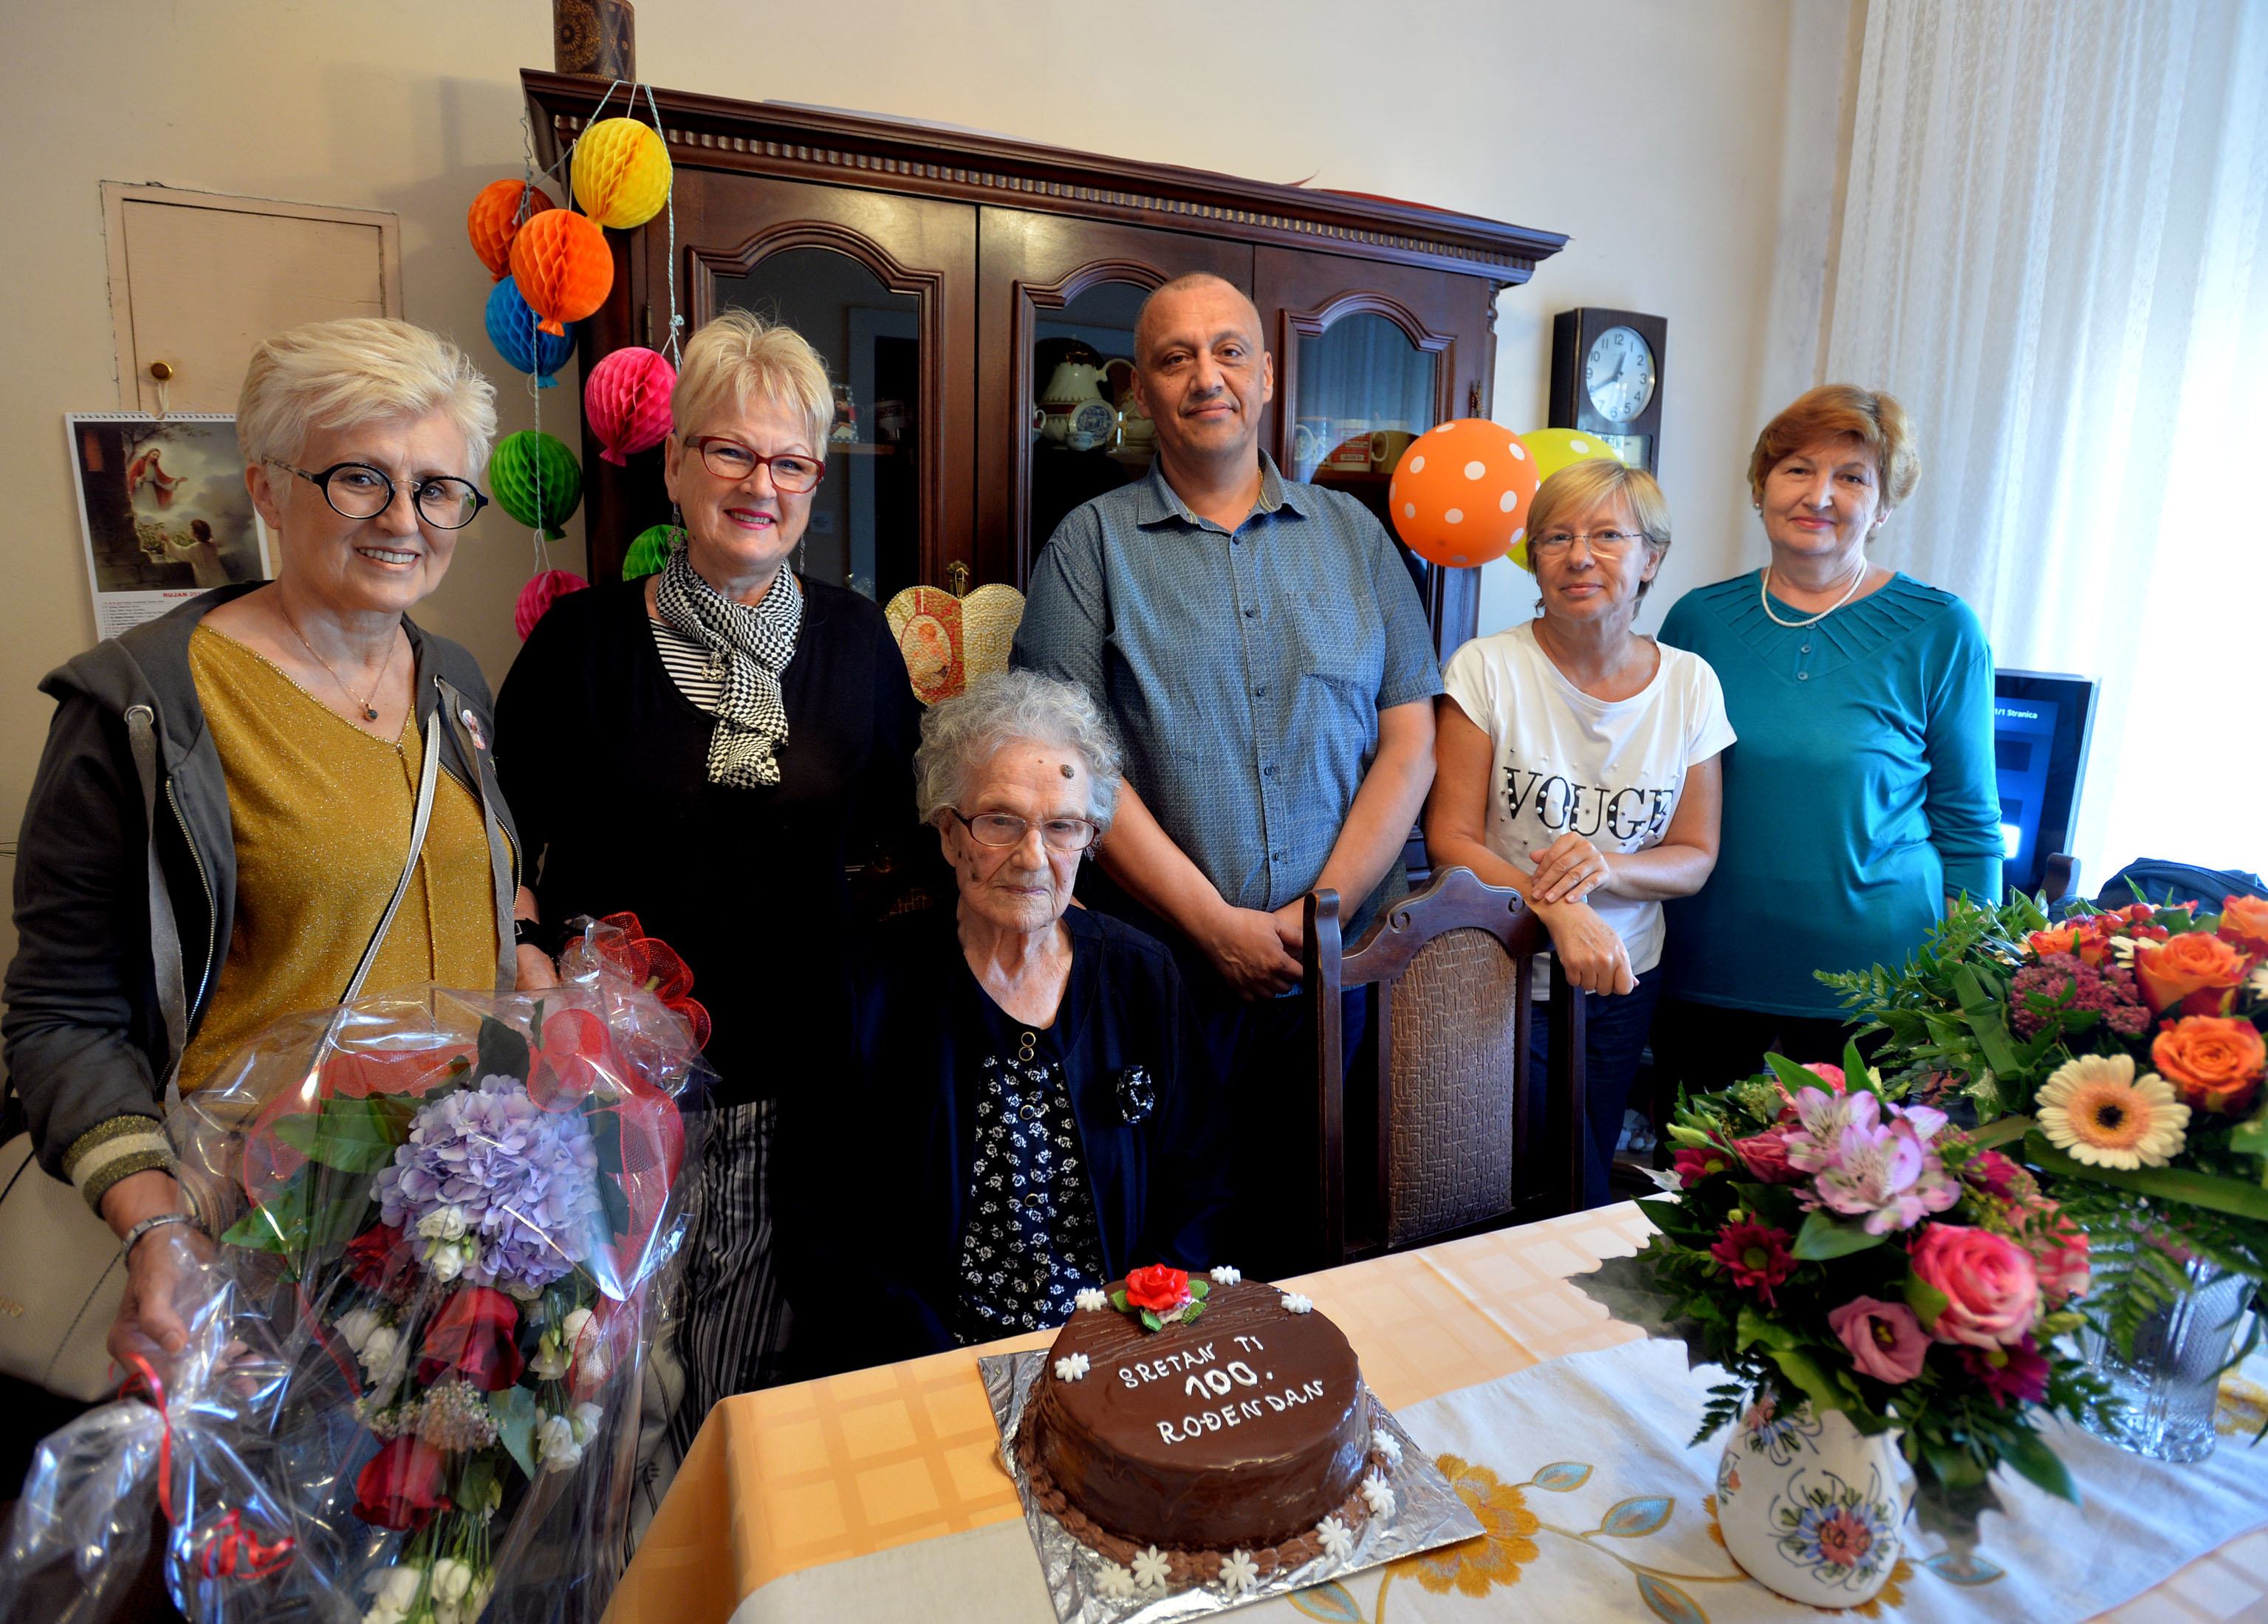 Predstavnici Mjesnog odbora Banderova čestitali su baki Jeki 100. rođendan u njezinom domu na Banderovu / Snimio Damir ŠKOMRLJ